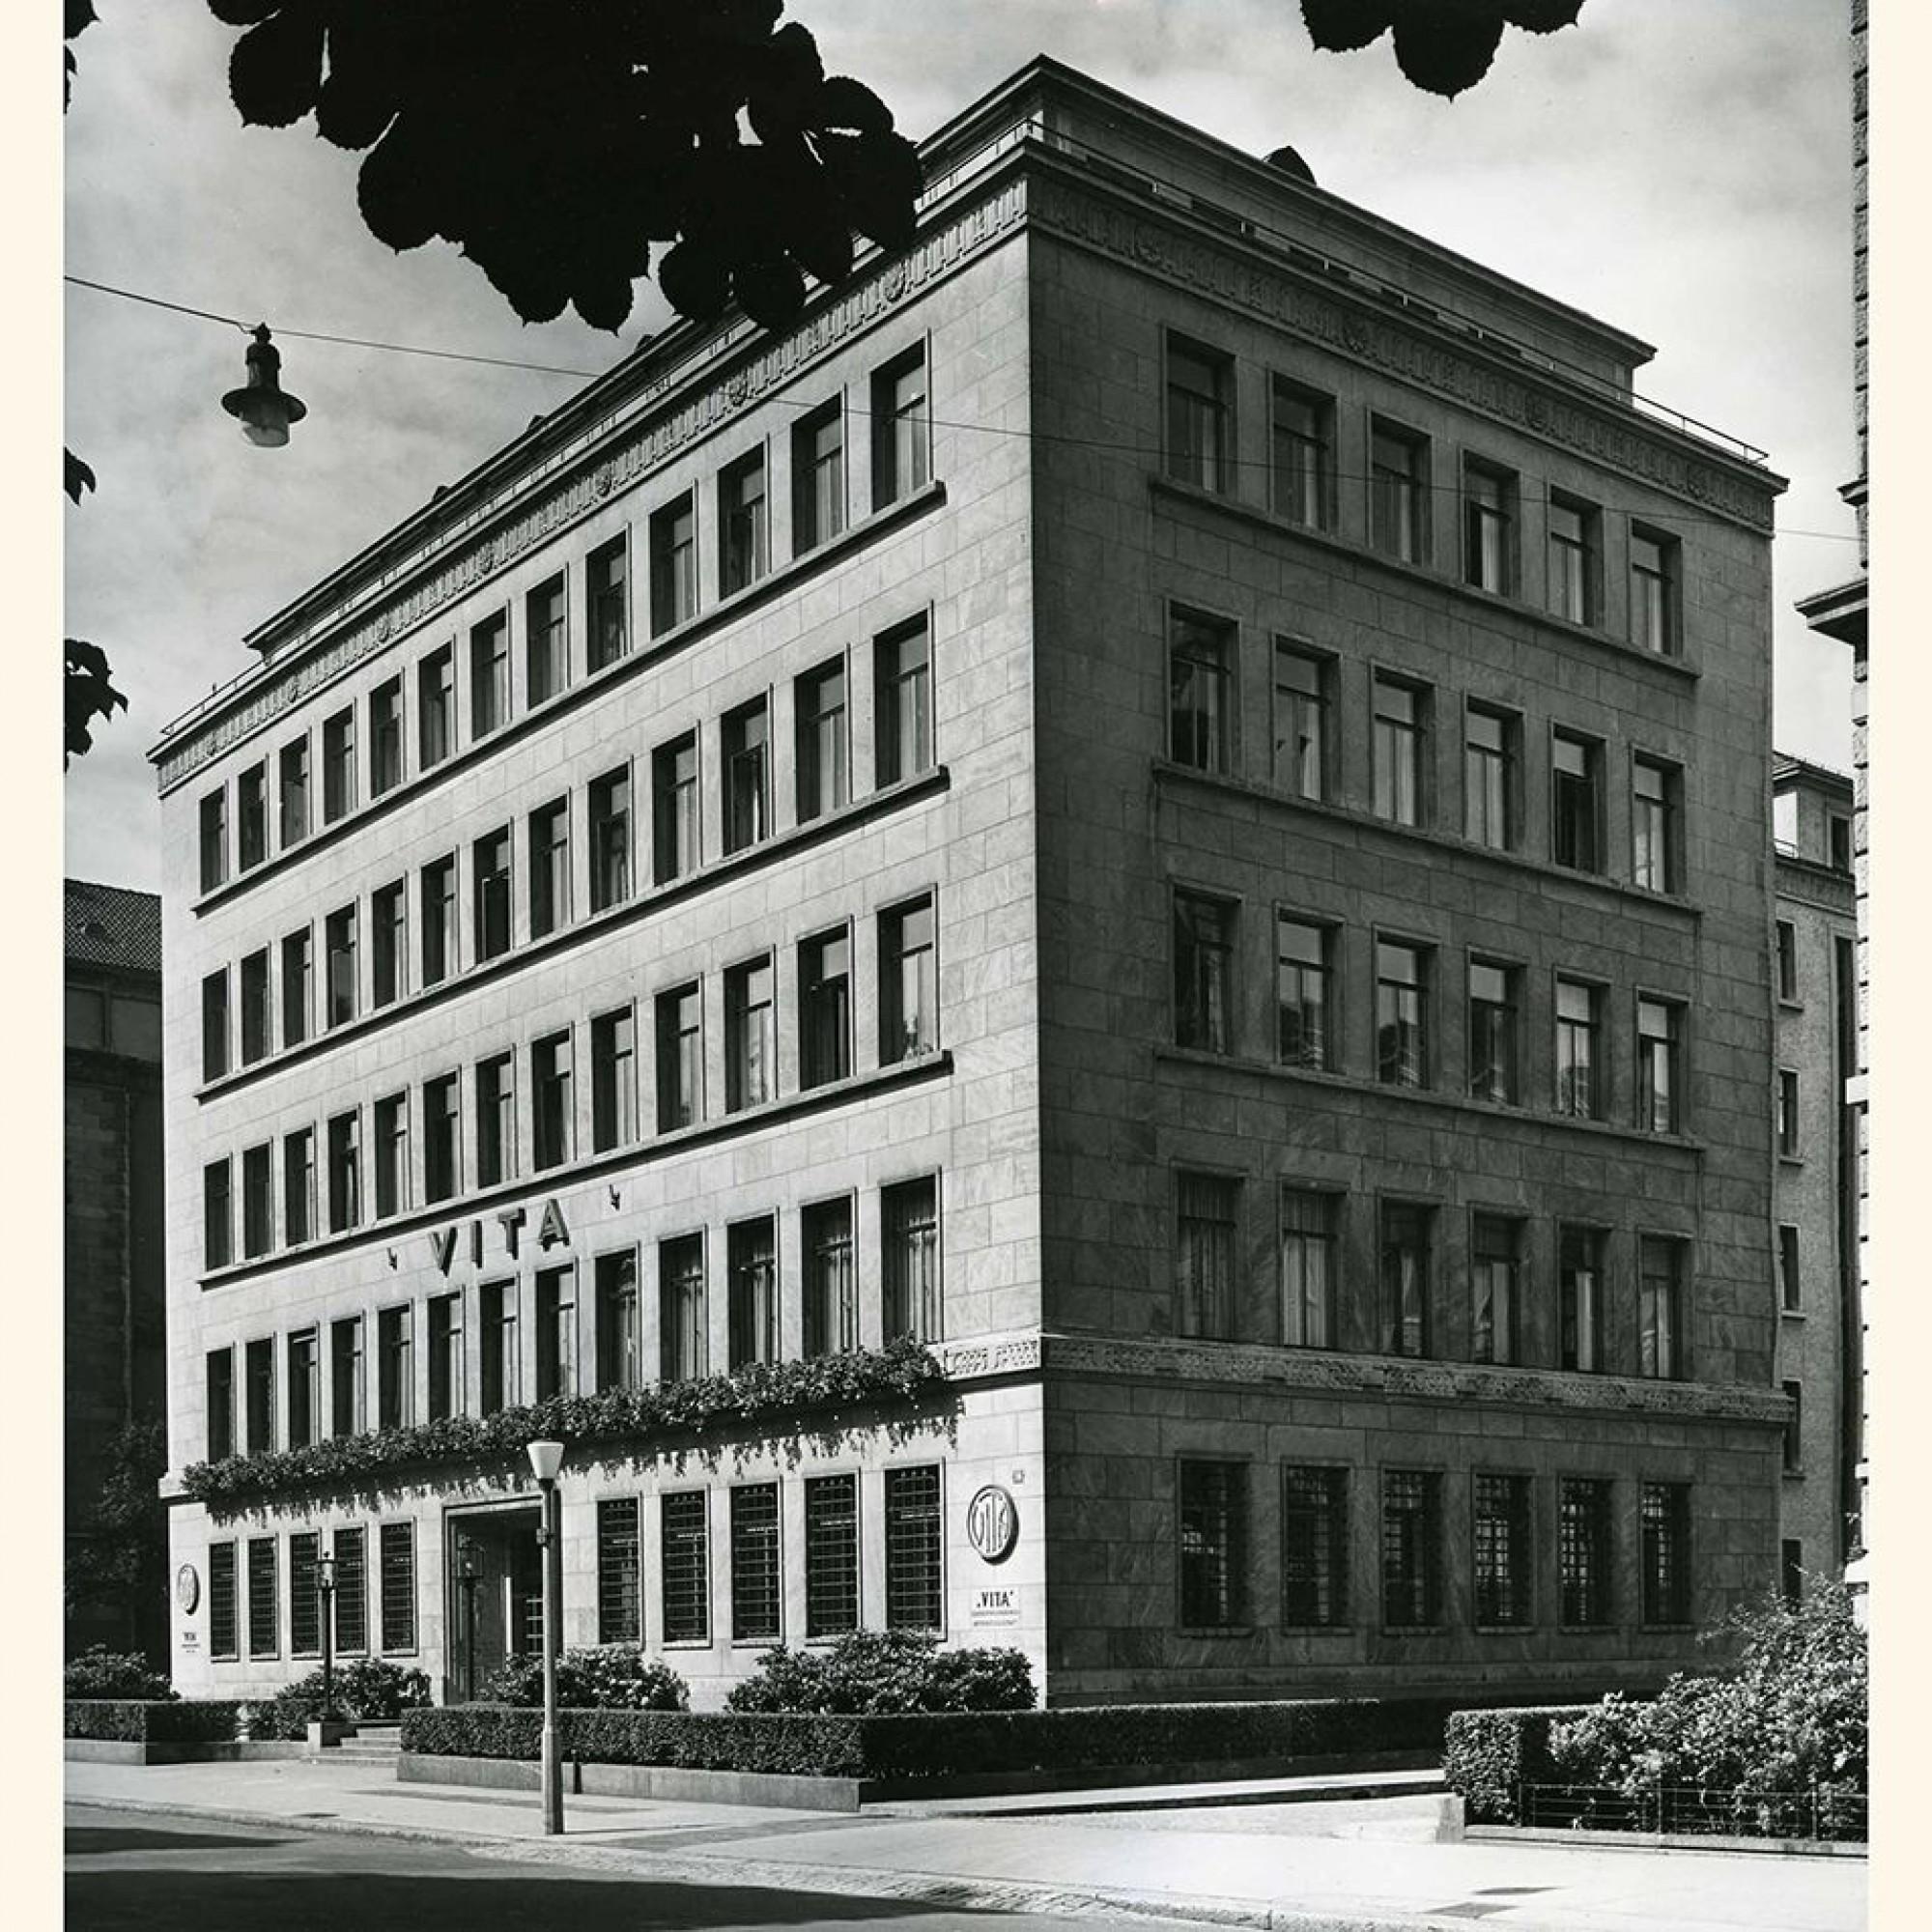 Ebenfalls denkmalgeschützt: Der 1932 errichtete Hauptsitz der Vita Lebensversicherung AG,einer Tochtergesellschaft, die im Jahr 1922 gegründet worden war.